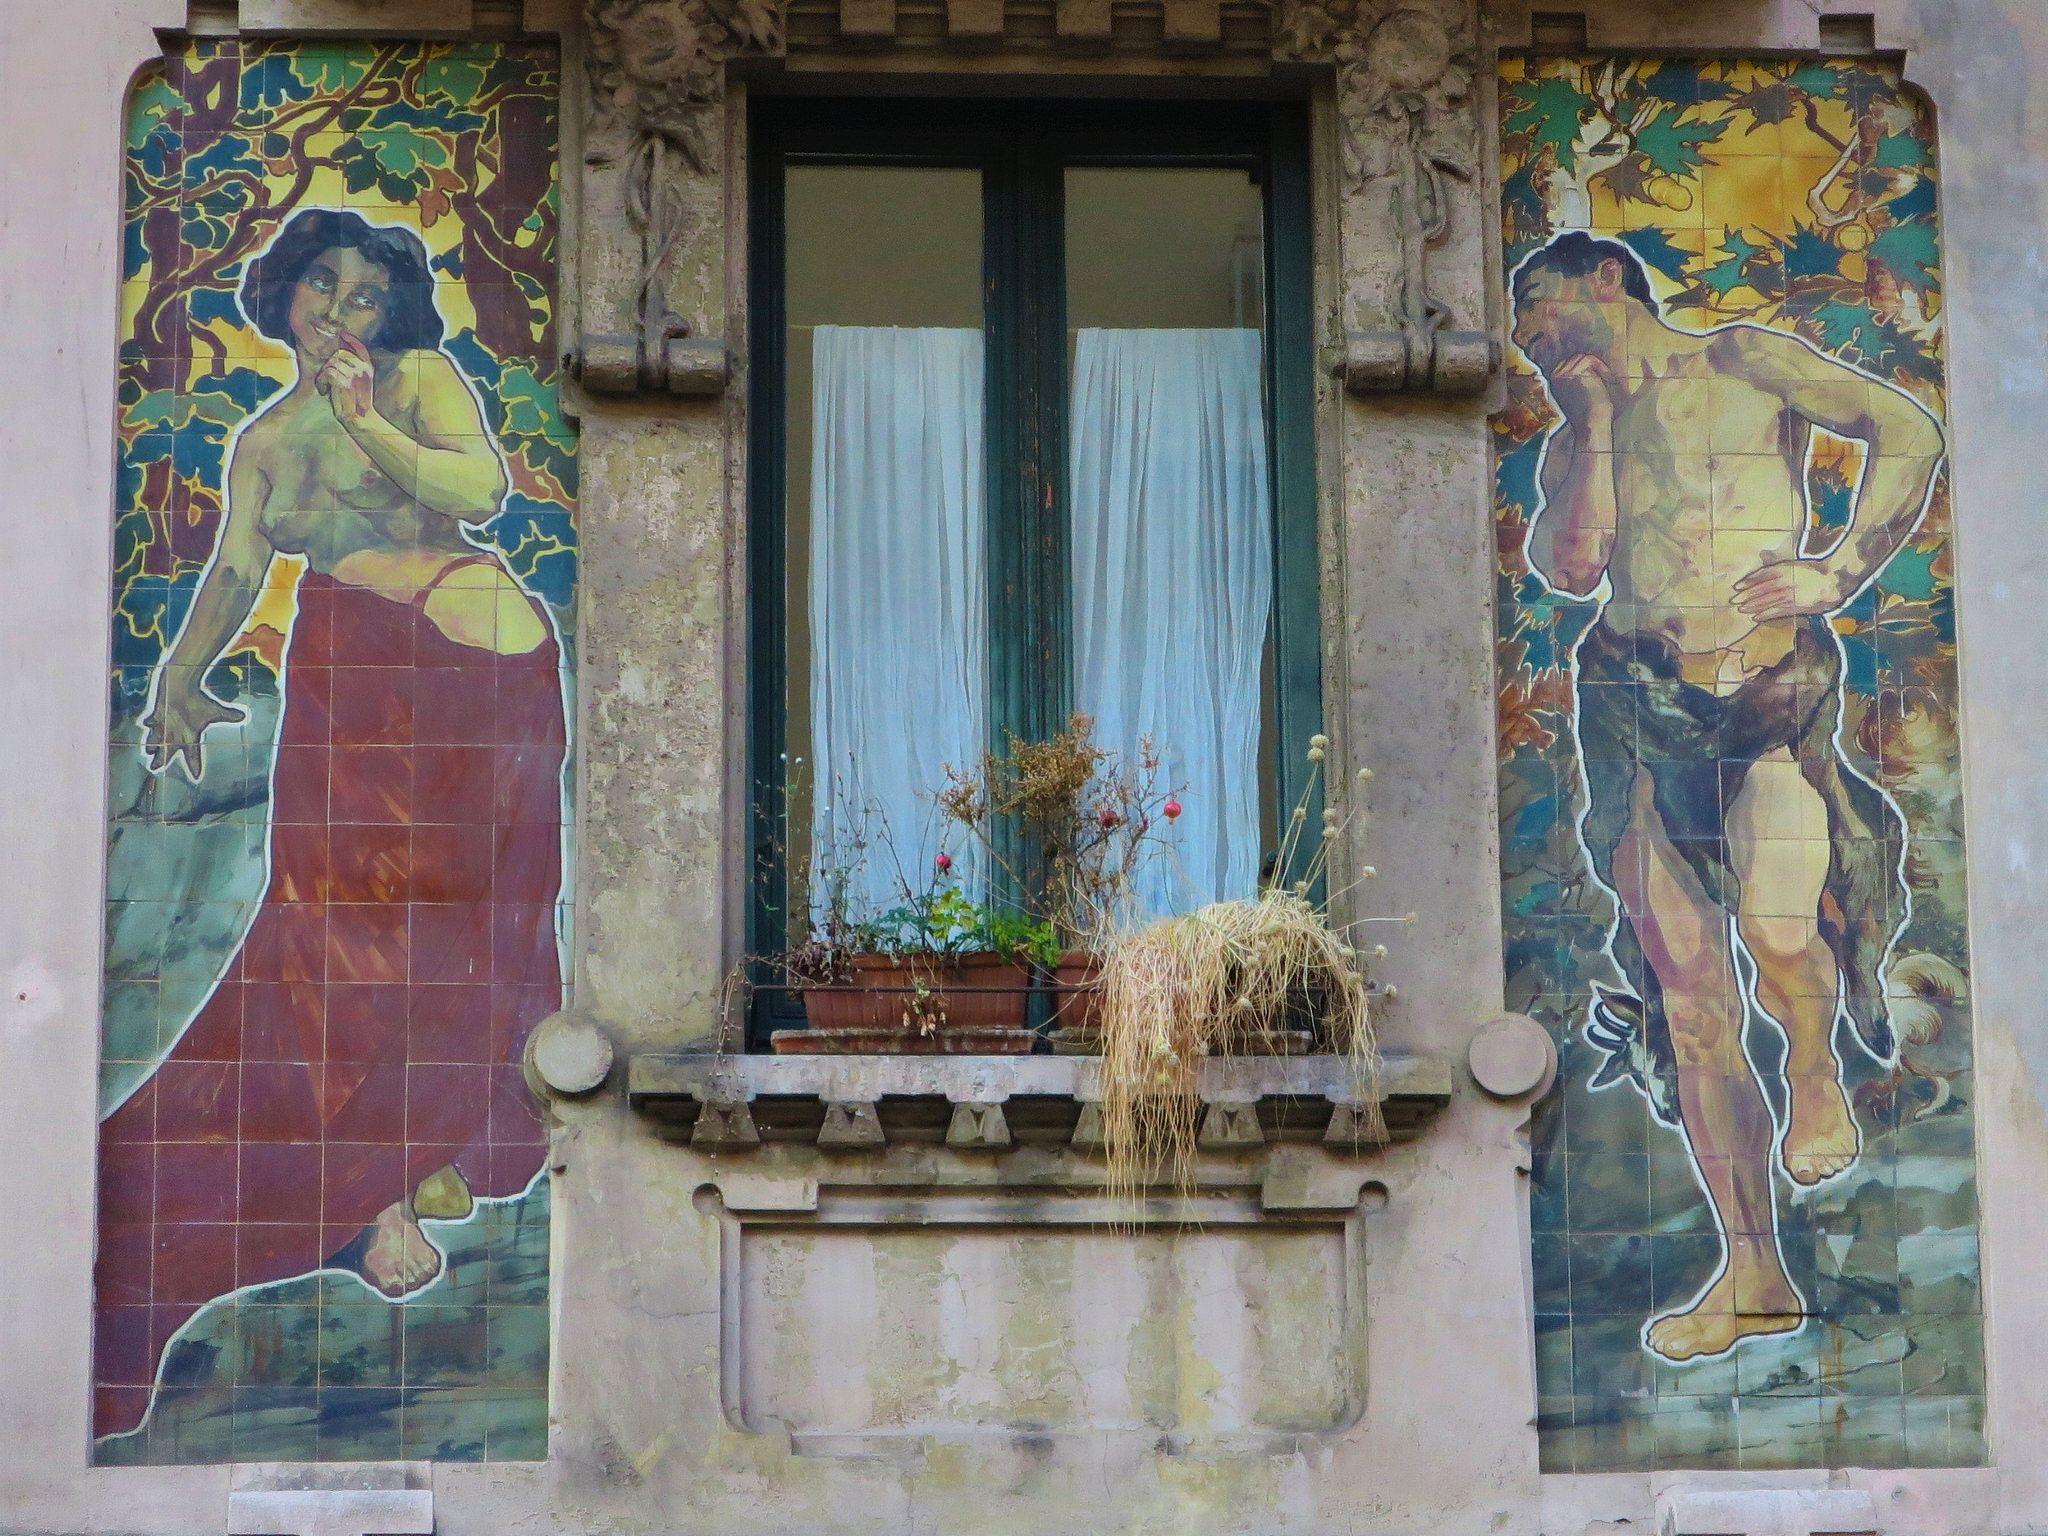 Casa Galimberti (1905) - Via Malpighi, 3, Milano   Architecte Giovanni Battista Bossi